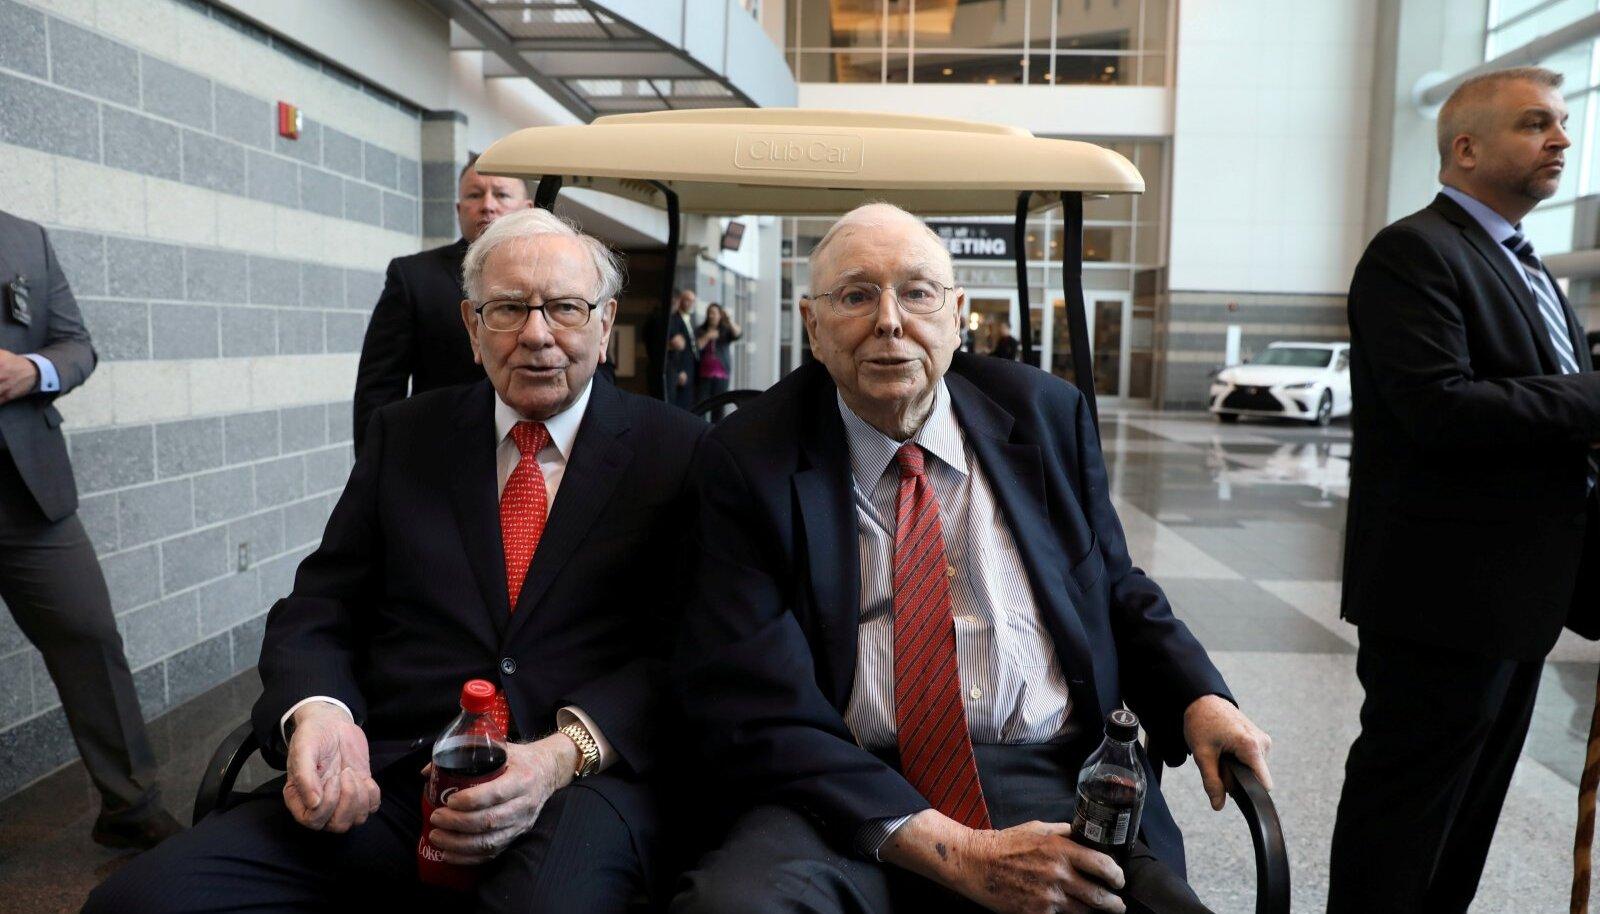 Warren Buffett (vasakul) ja Charlie Munger läinud aastal Berkshire Hathaway aktsionäride üldkoosoleku raames toimunud ostupäeval. Kapitalistide Woodstockiks nimetatud investorite palverännakul demonstreerivad investeerimisässad, et tarbivad ettevõtte ühe investeeringu, Coca-Cola toodangut.